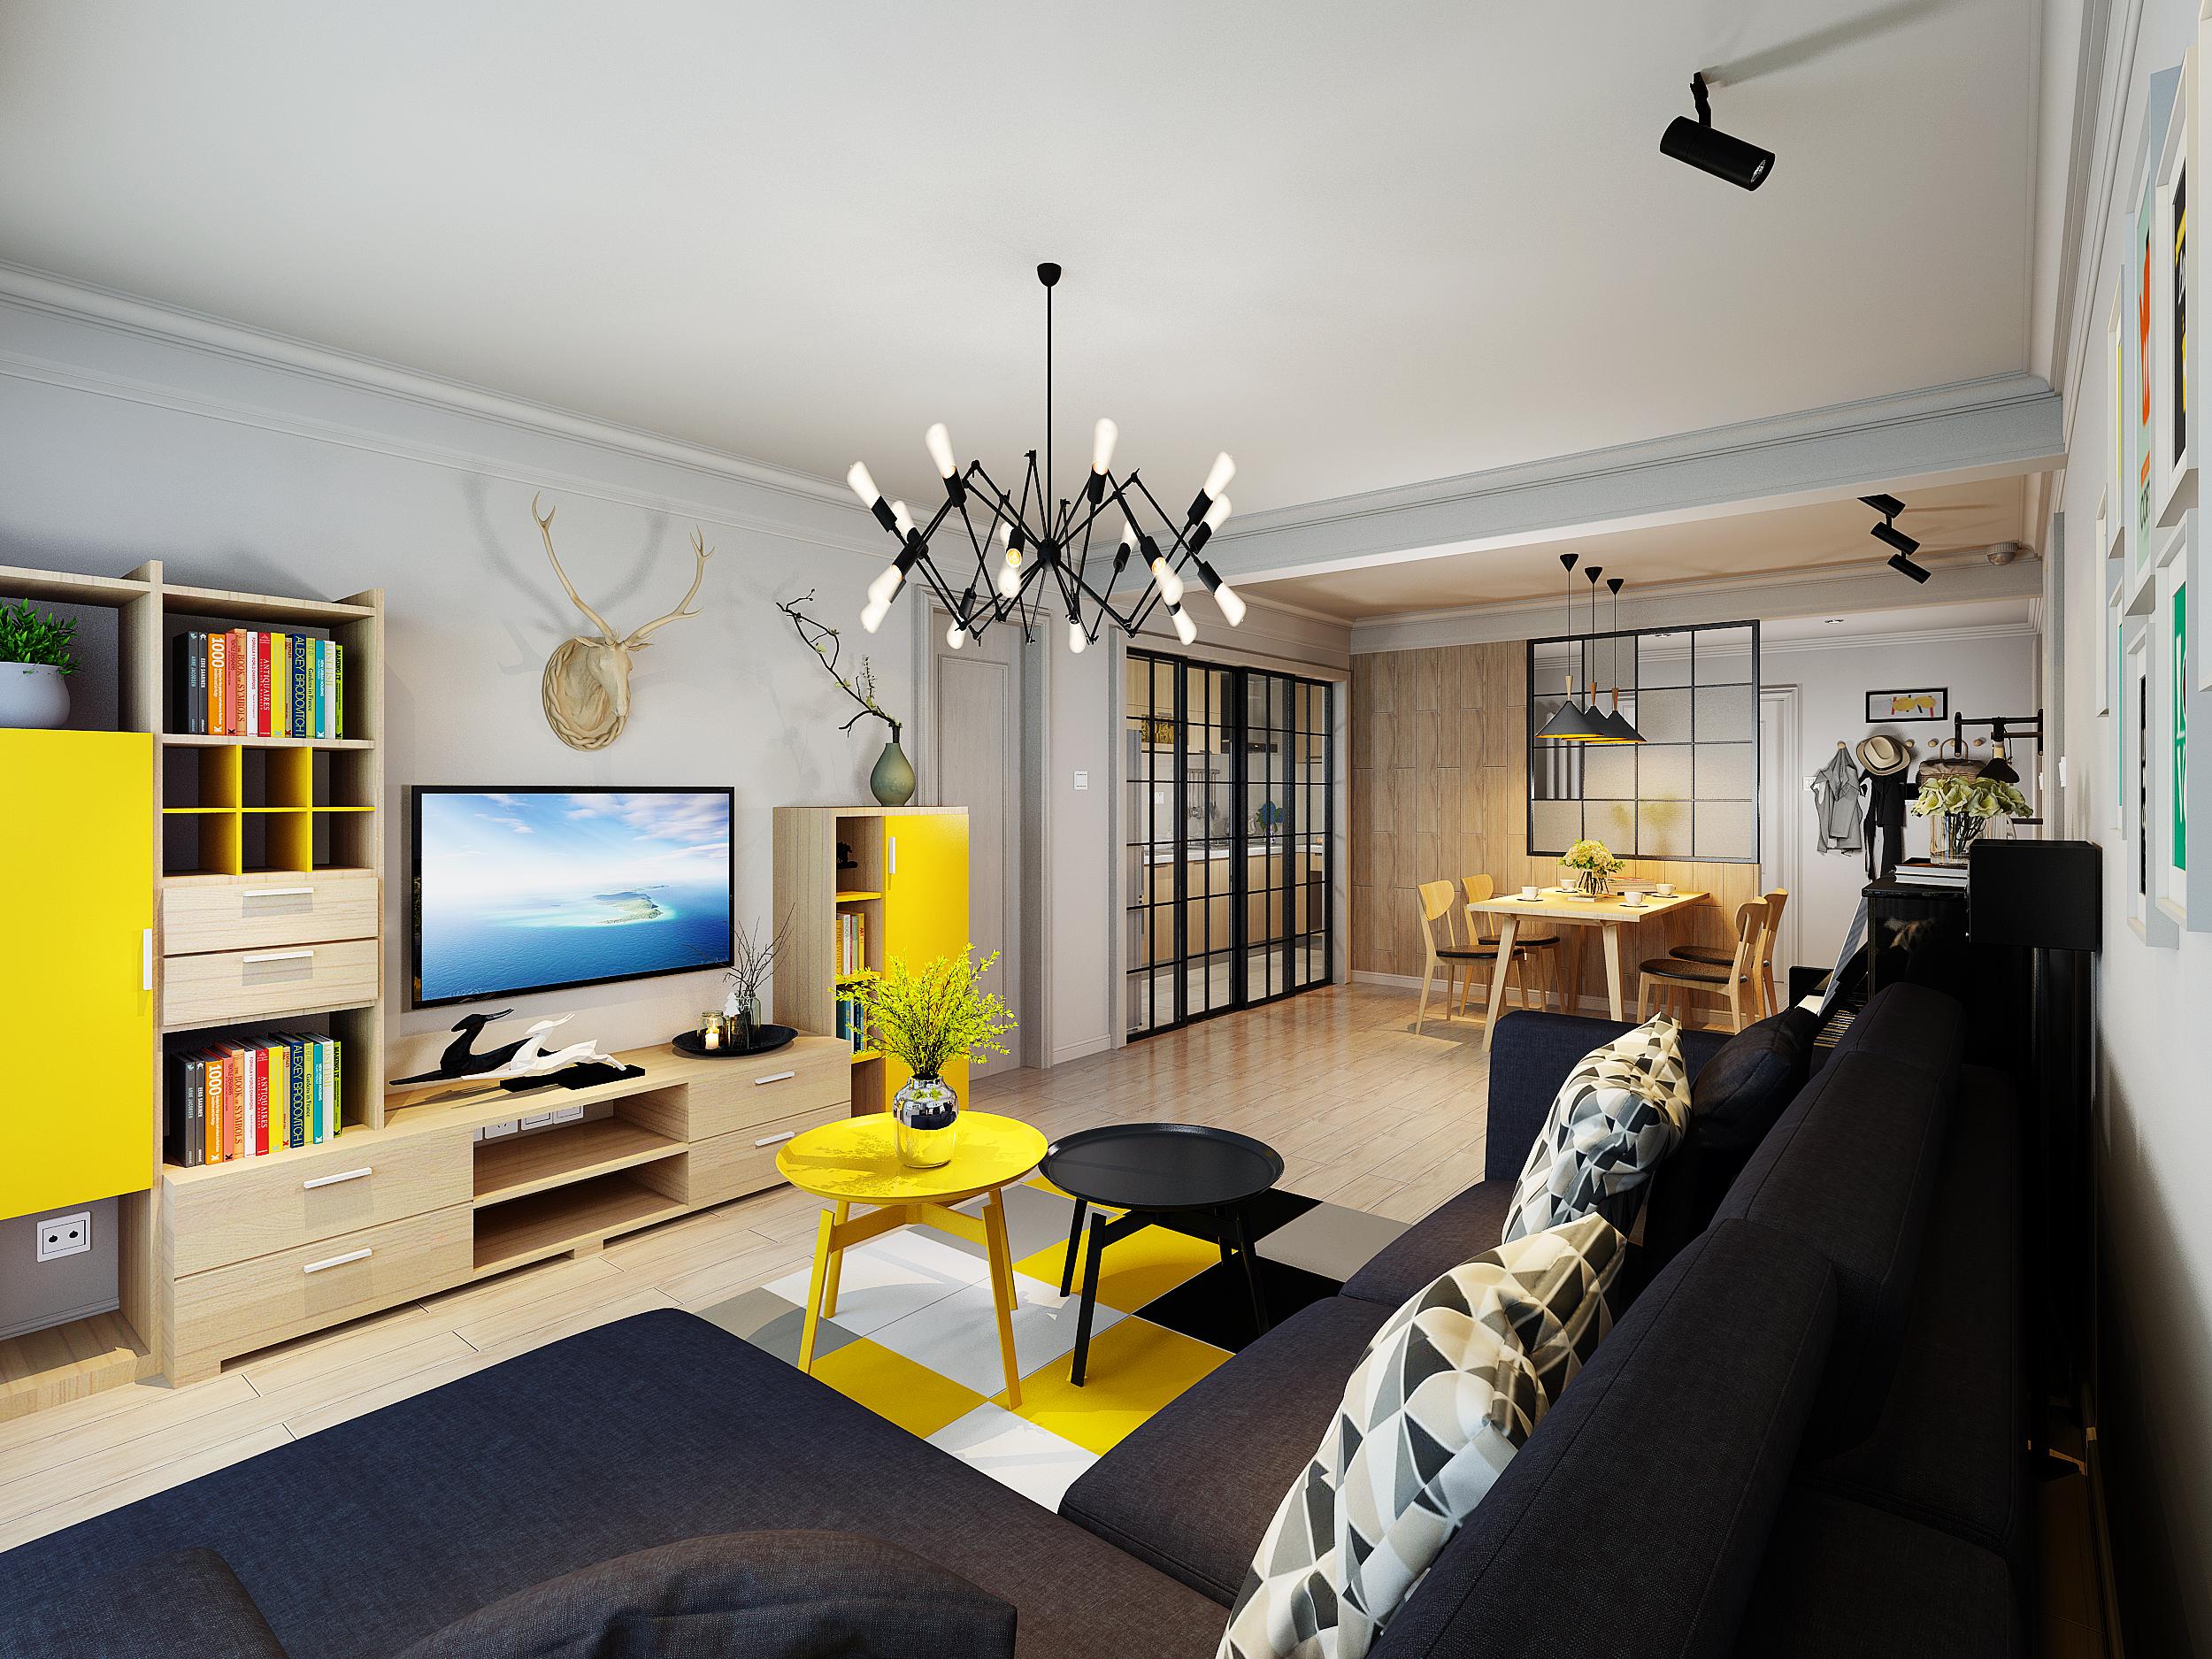 90㎡二居室设计客厅效果图